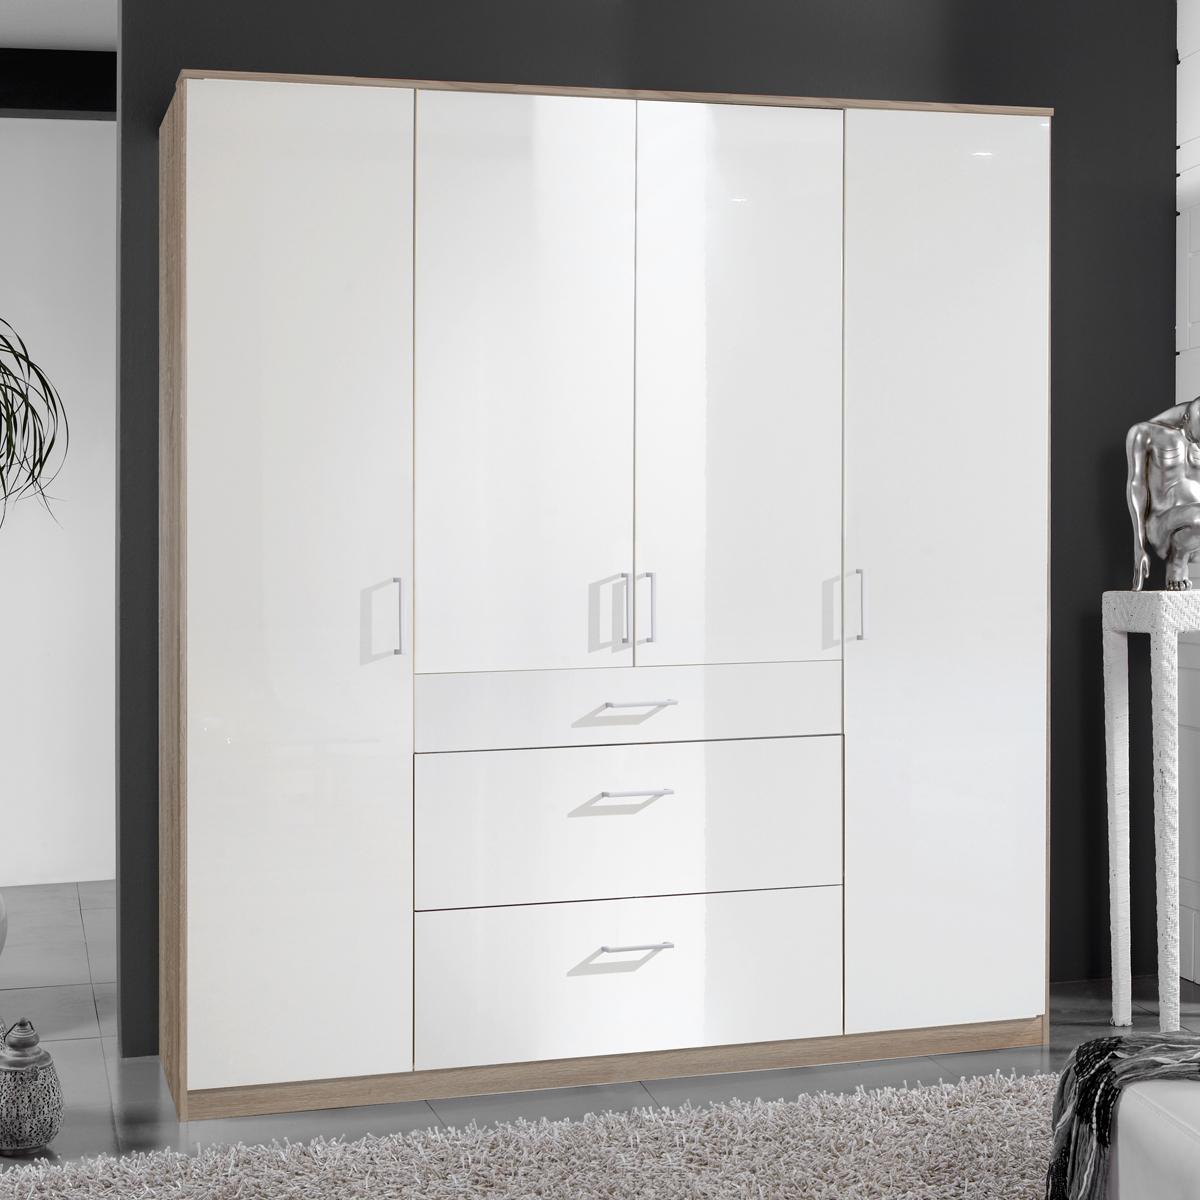 kleiderschrank clack schlafzimmer dreht renschrank in hochglanz wei eiche 180cm ebay. Black Bedroom Furniture Sets. Home Design Ideas